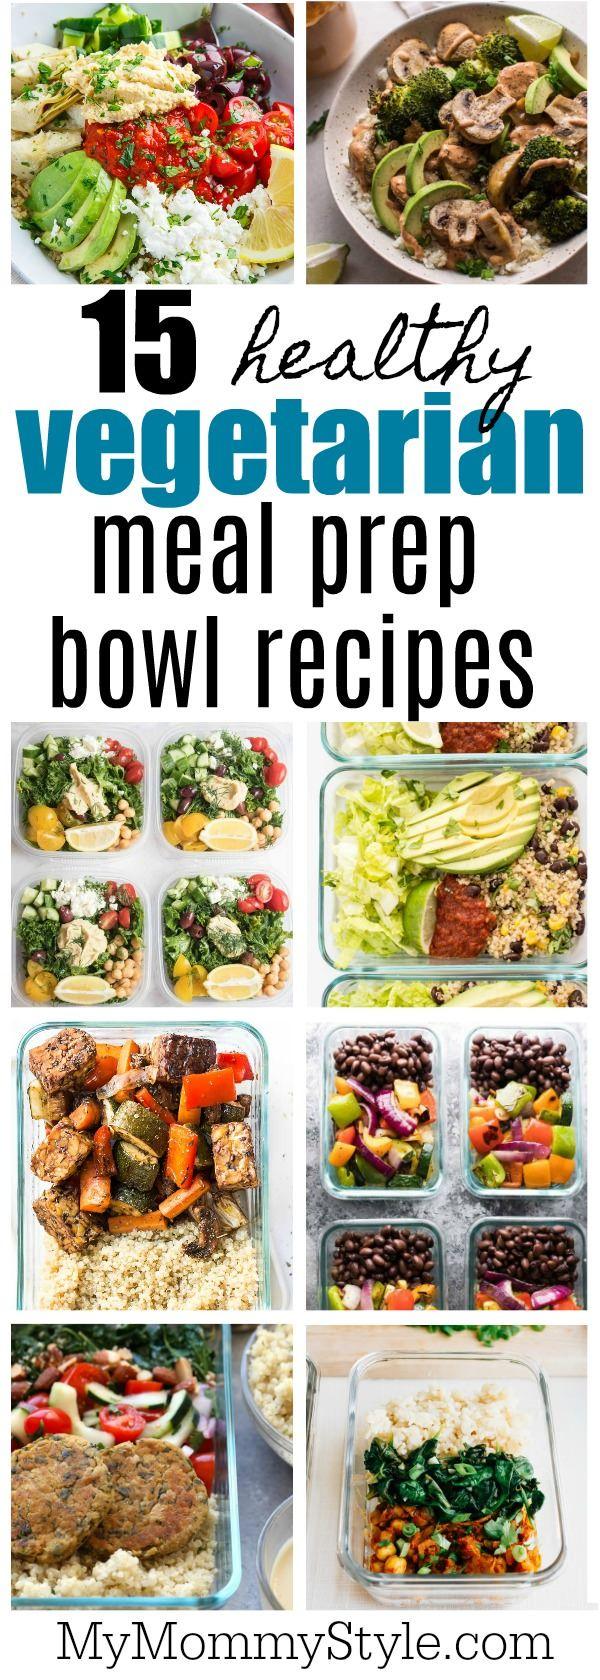 15 healthy vegetarian meal prep bowls